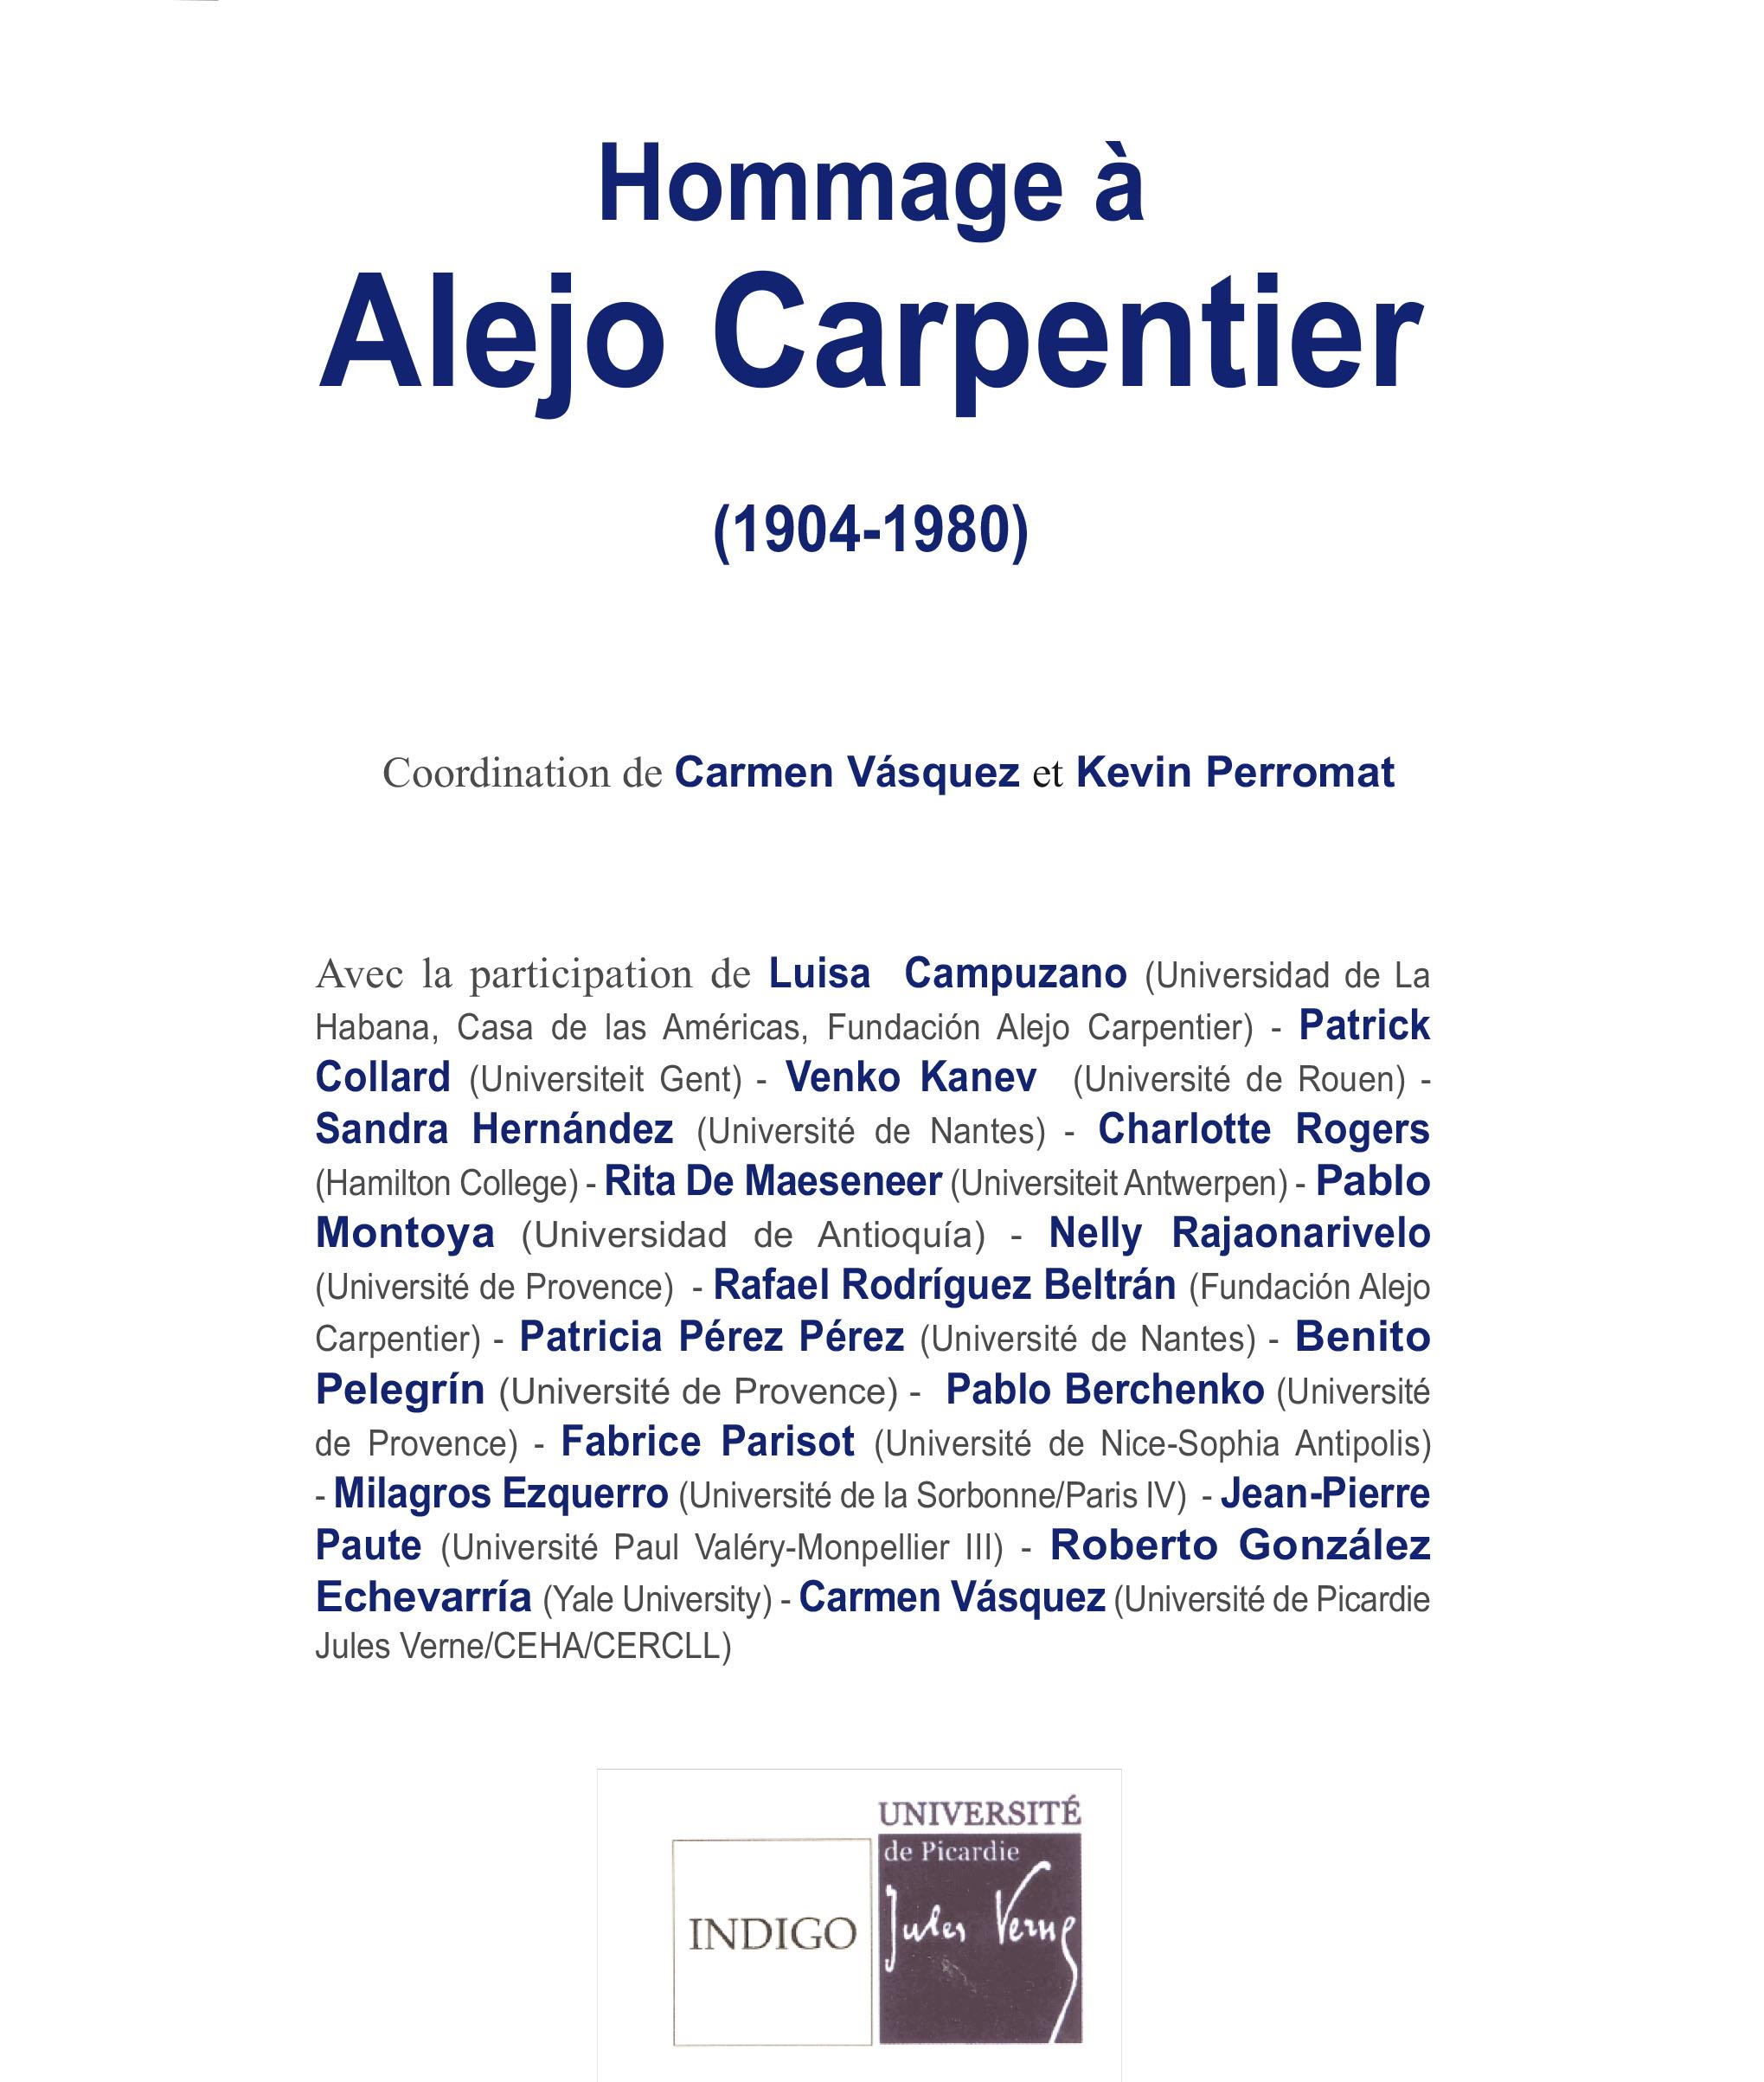 Hommage à Alejo